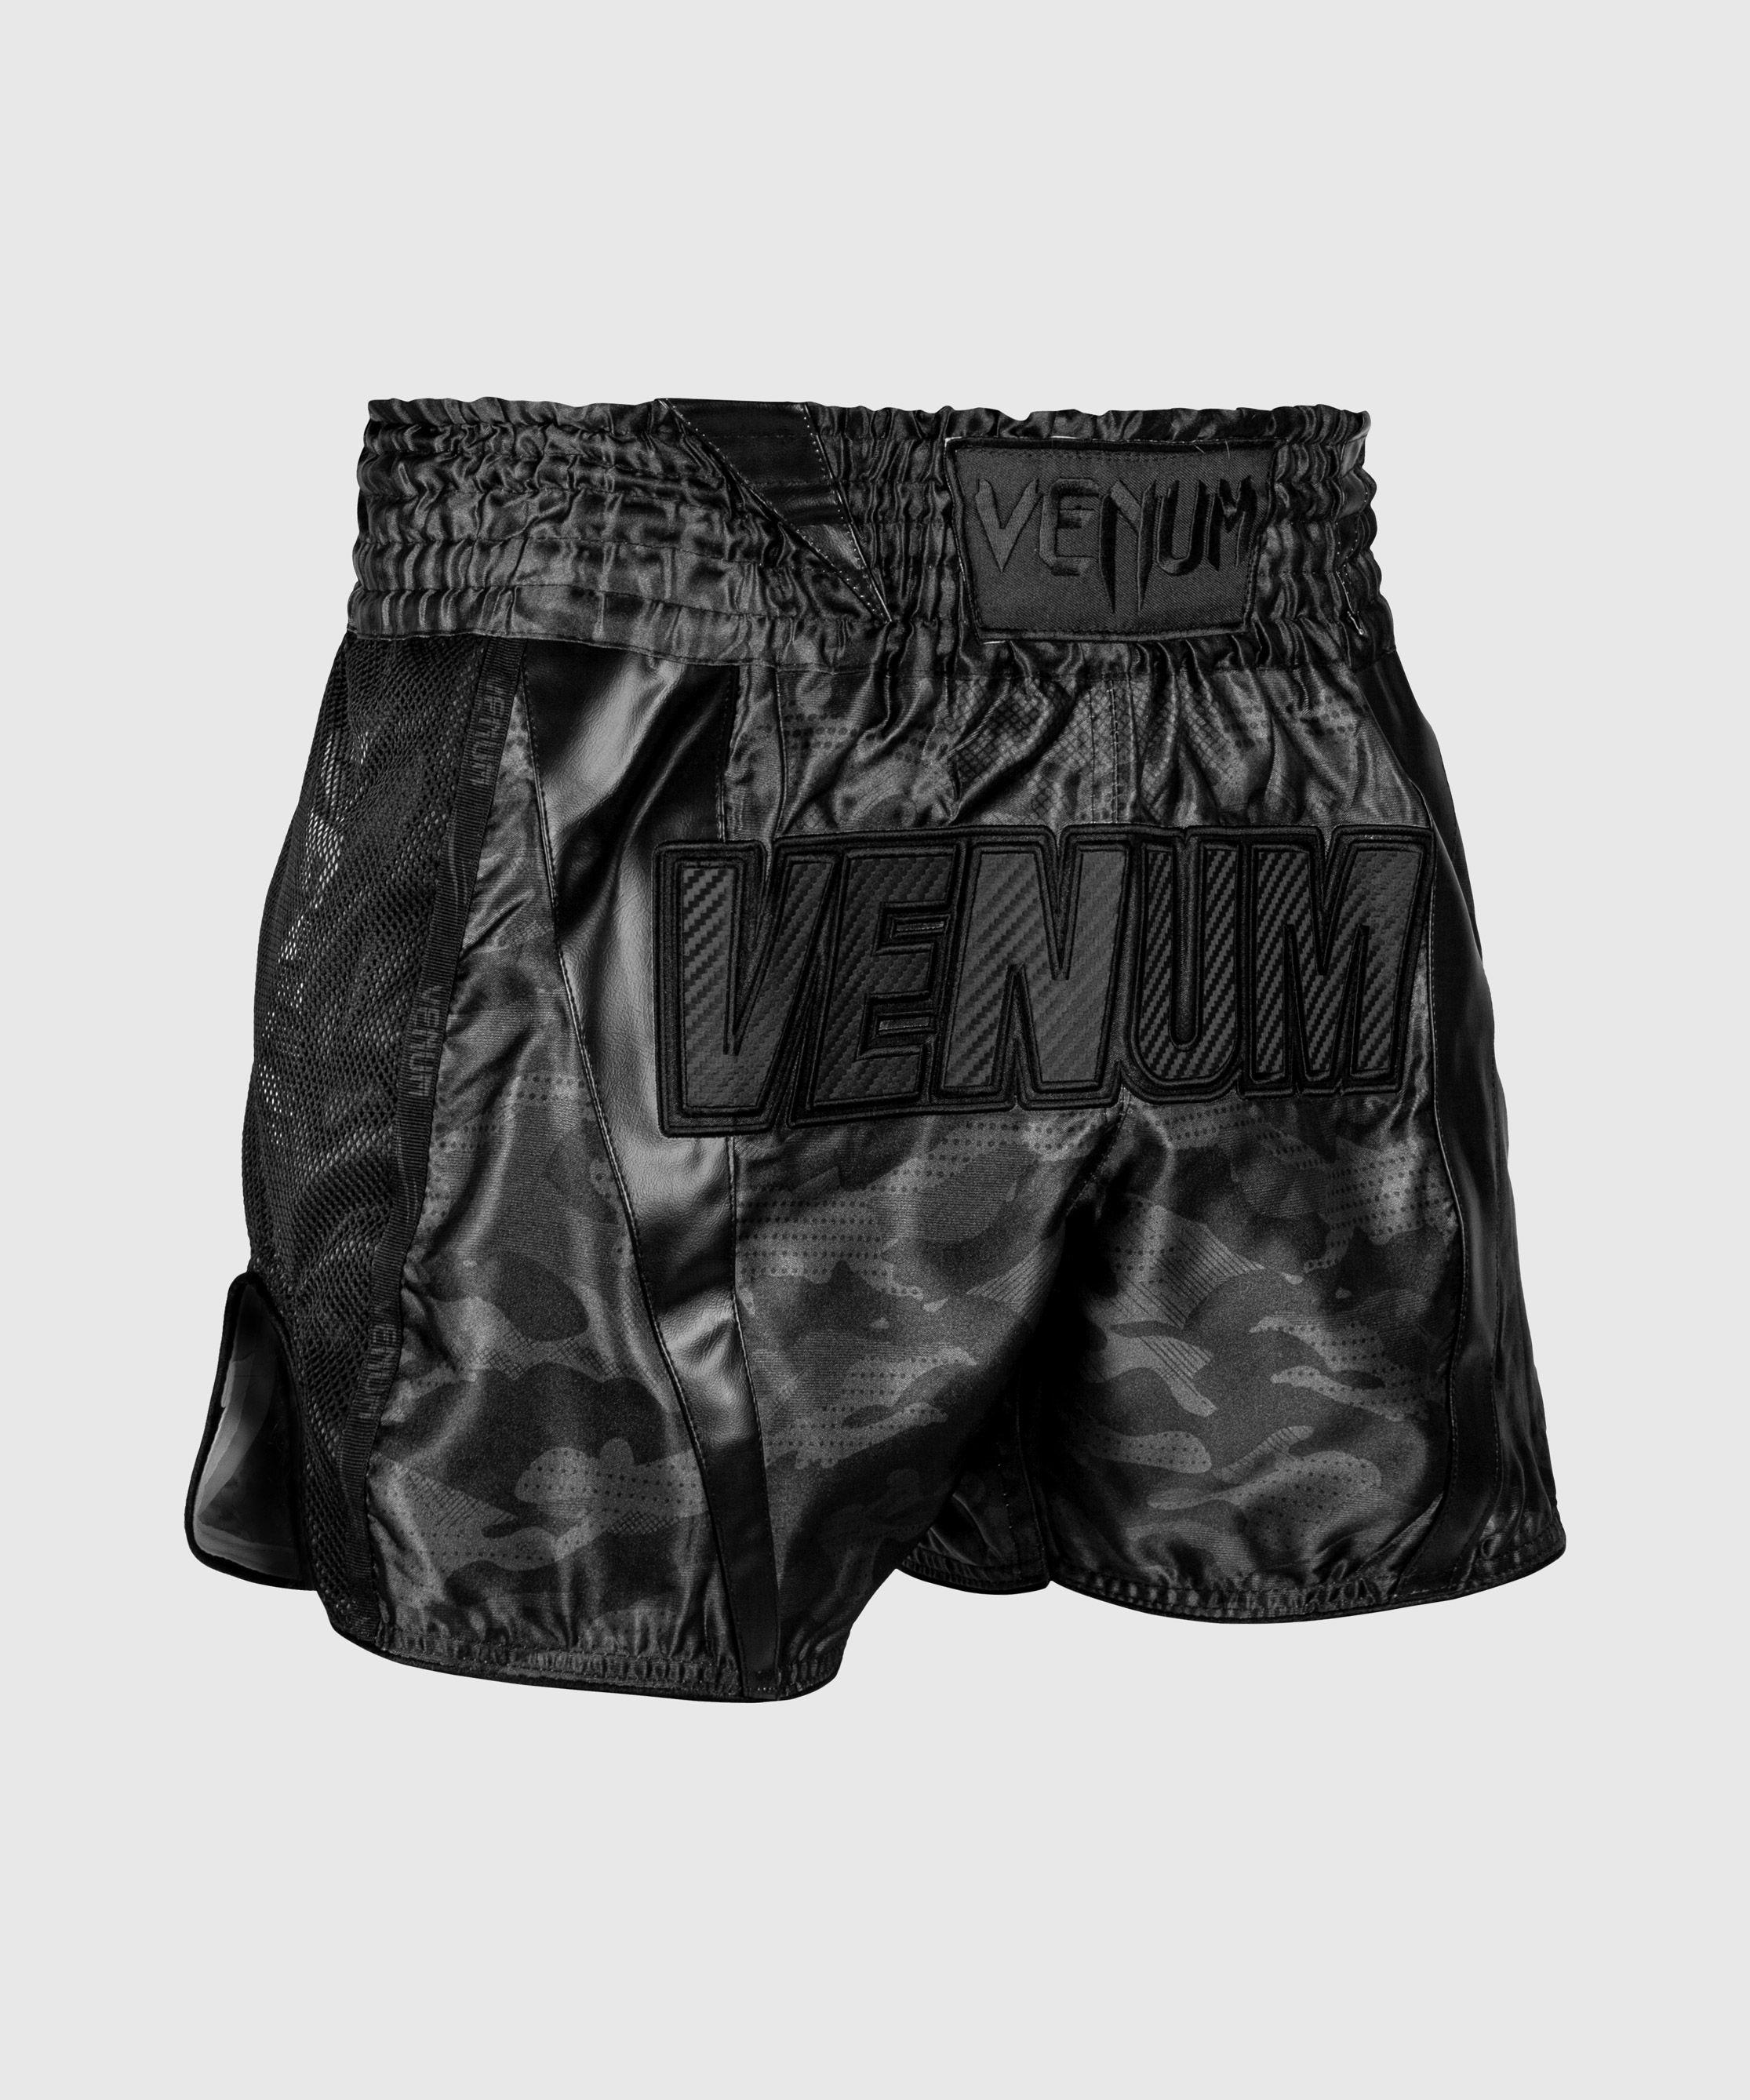 Pantalones cortos de Muay Thai Venum Full Cam - Camo Urbano/Negro/Negro